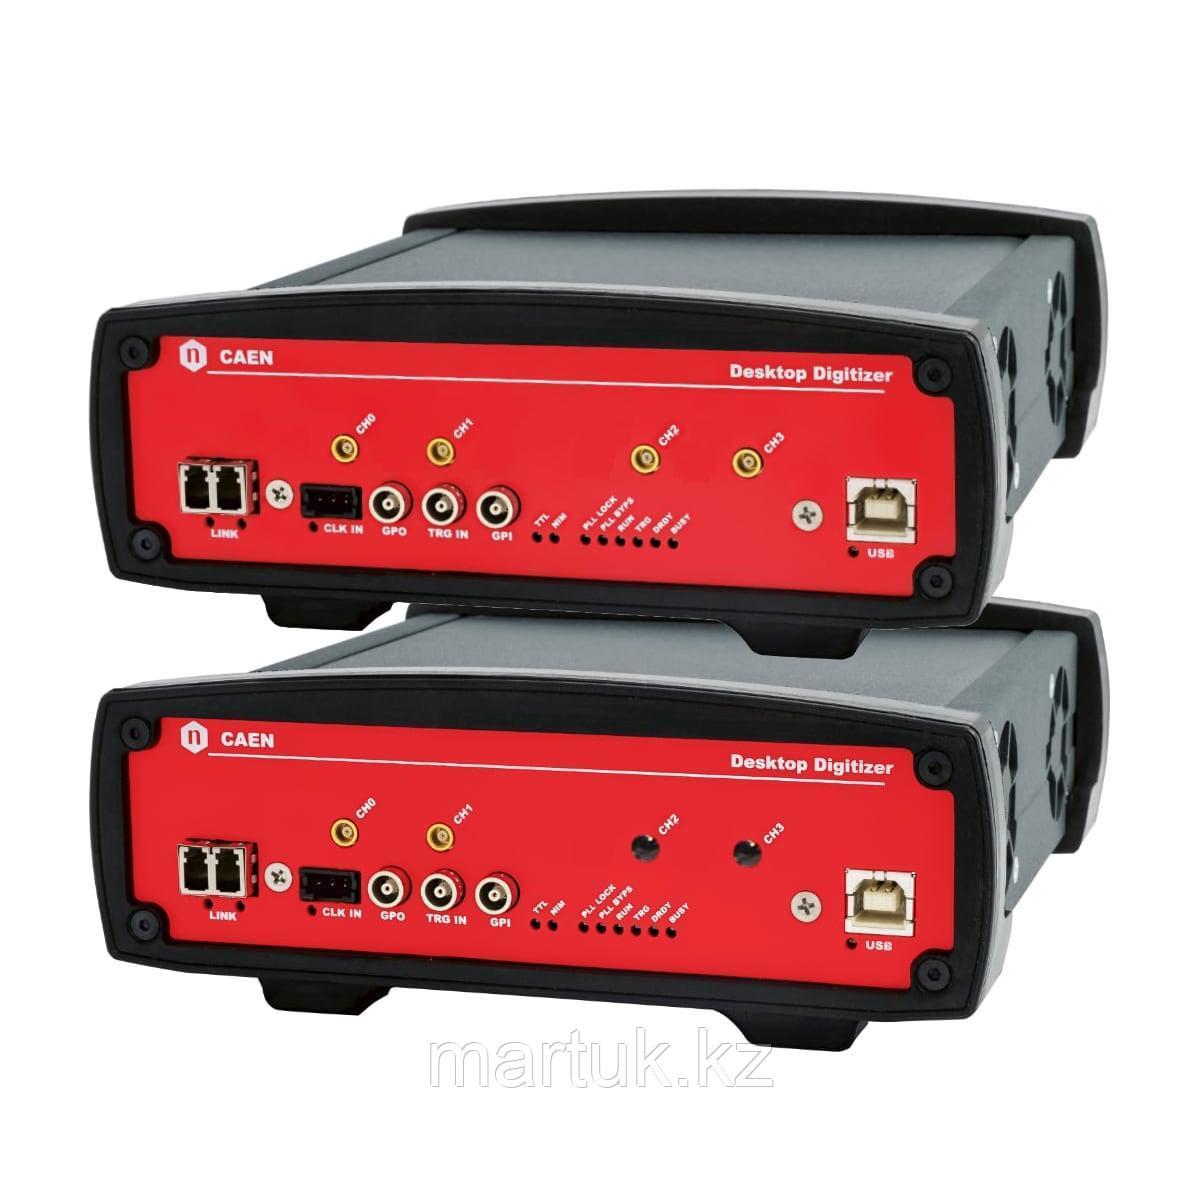 Диджитайзер CAEN 4-канальный 12-битный 250 MS / s